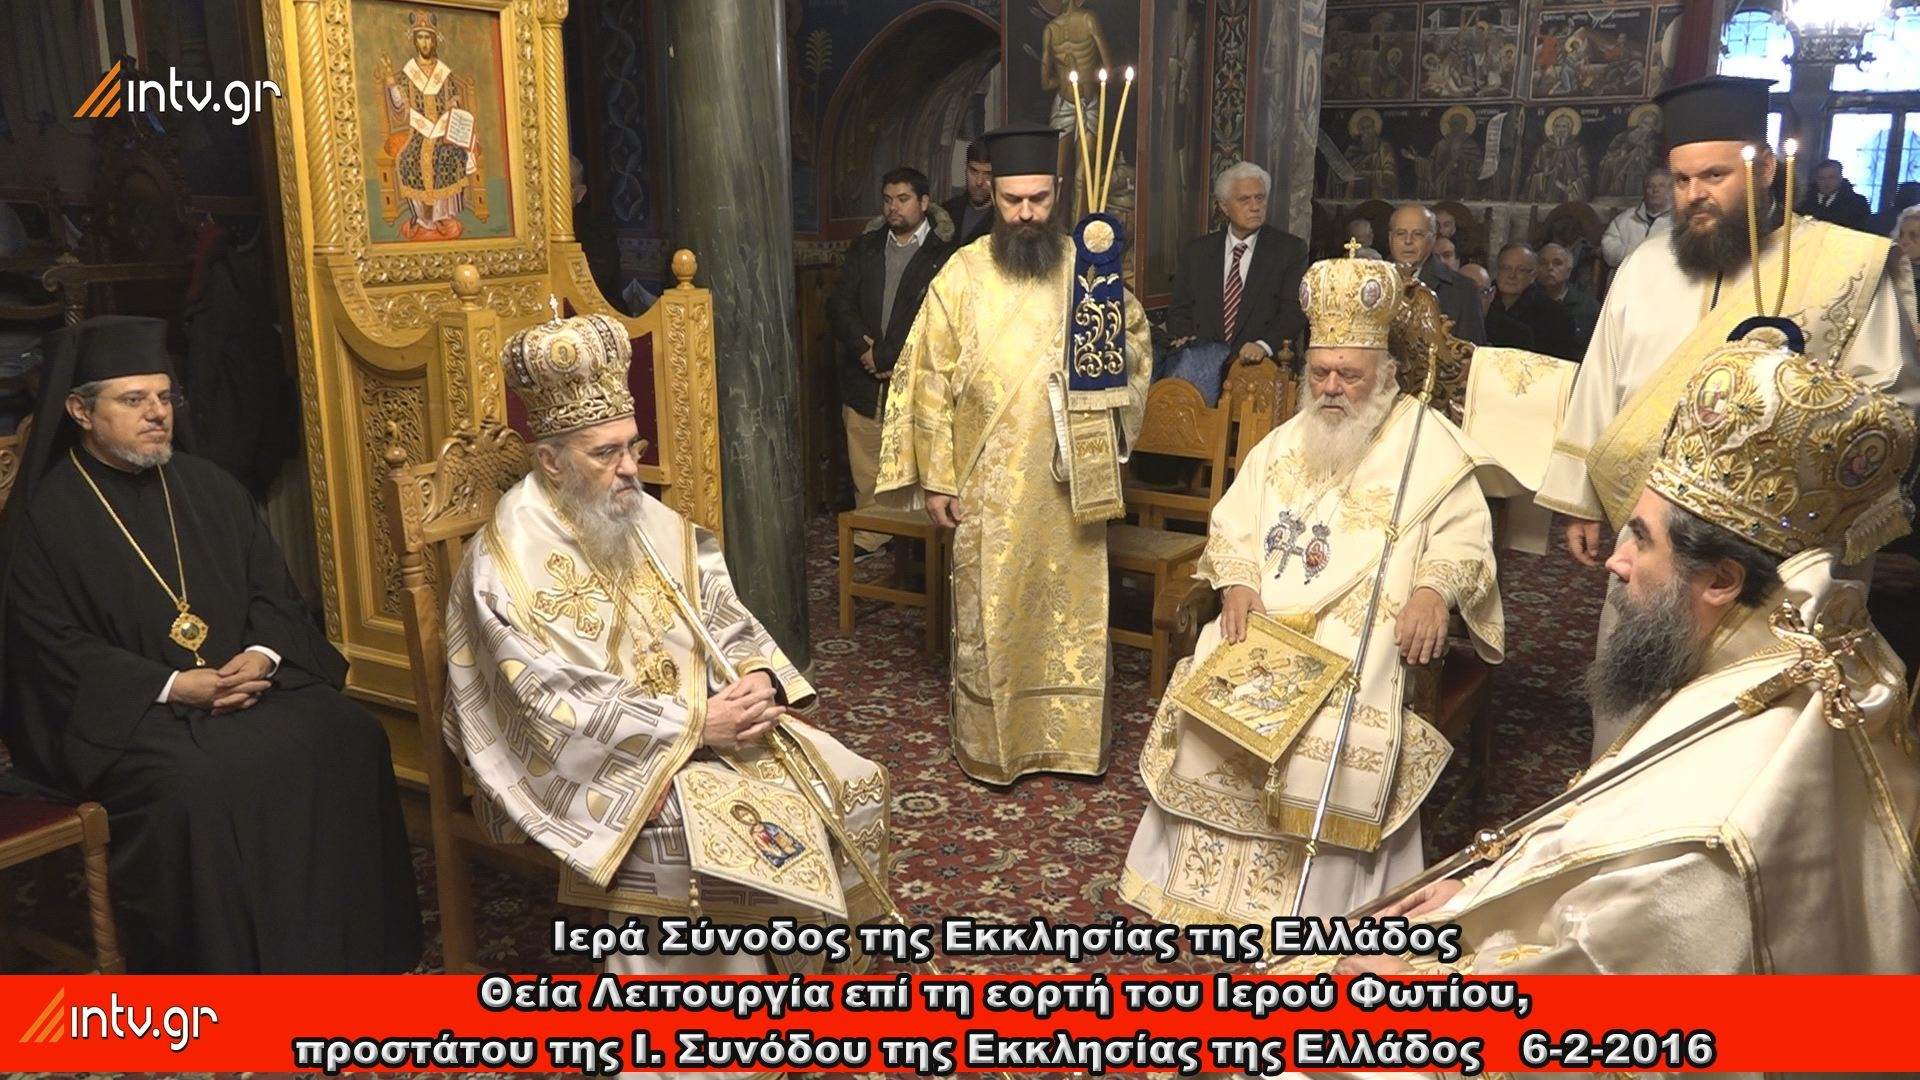 Θεία Λειτουργία επί τη εορτή του Ιερού Φωτίου, προστάτου της Ι. Συνόδου της Εκκλησίας της Ελλάδος 2016